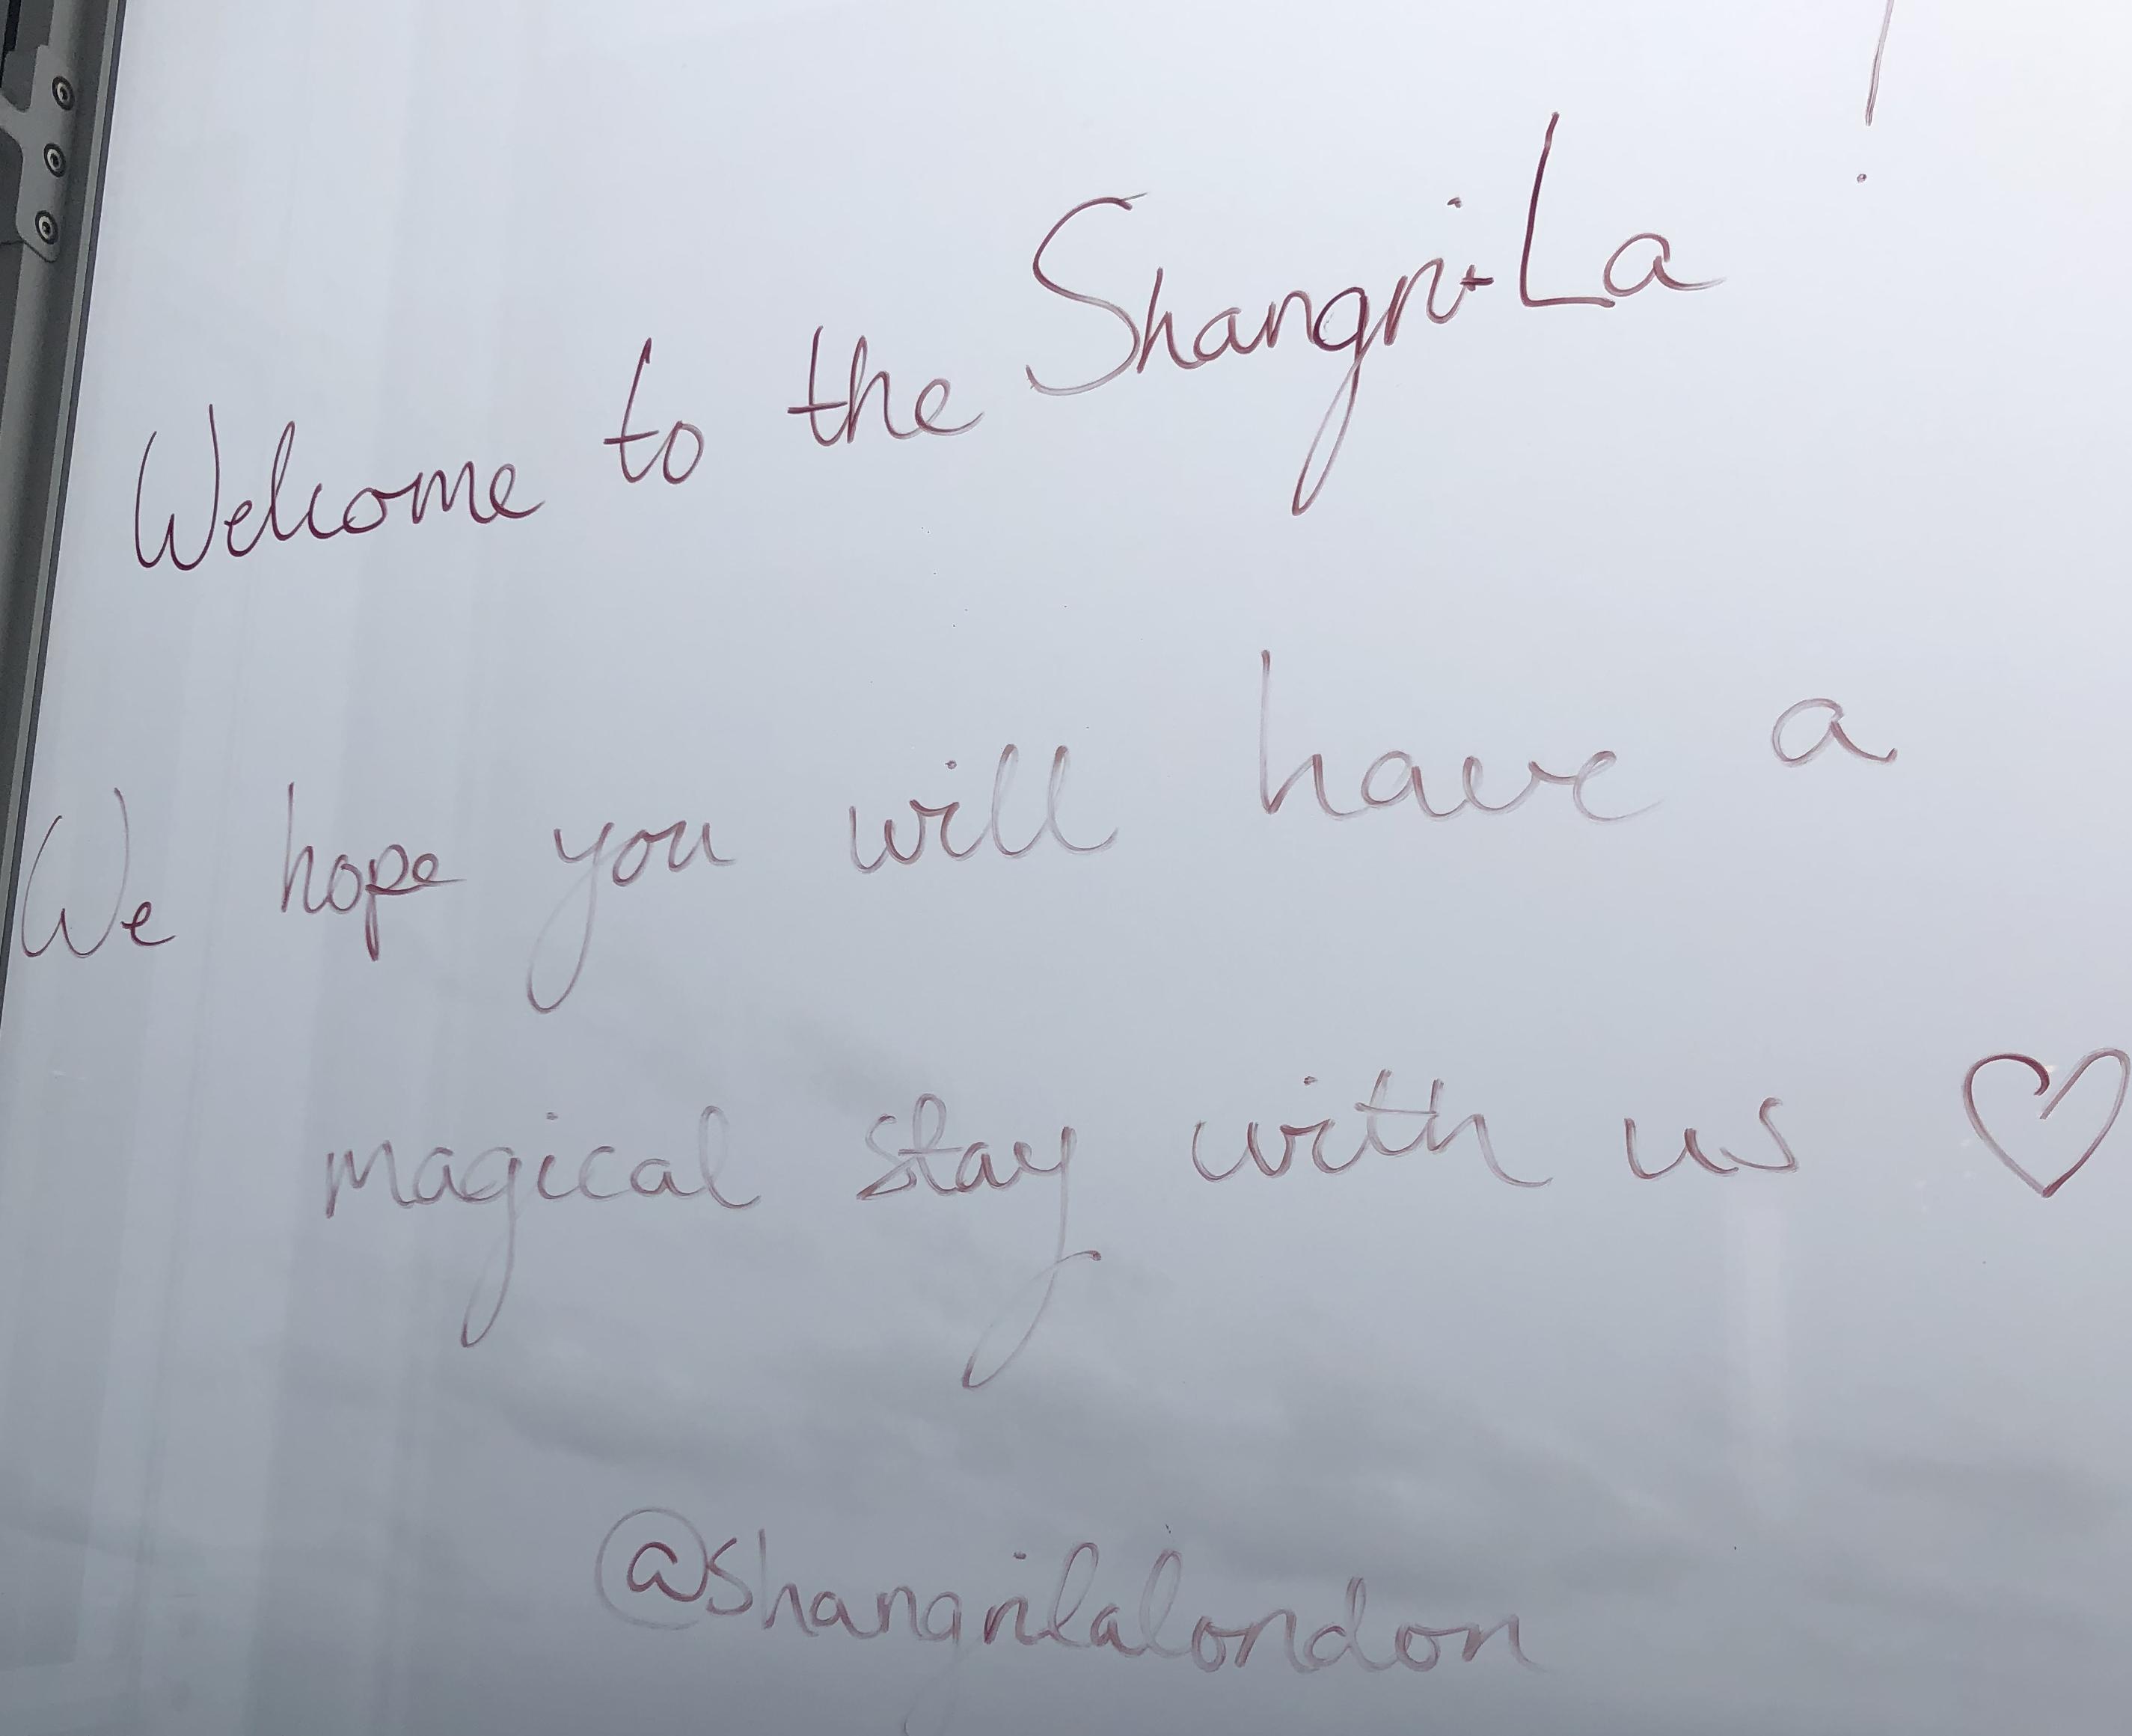 Shangrila